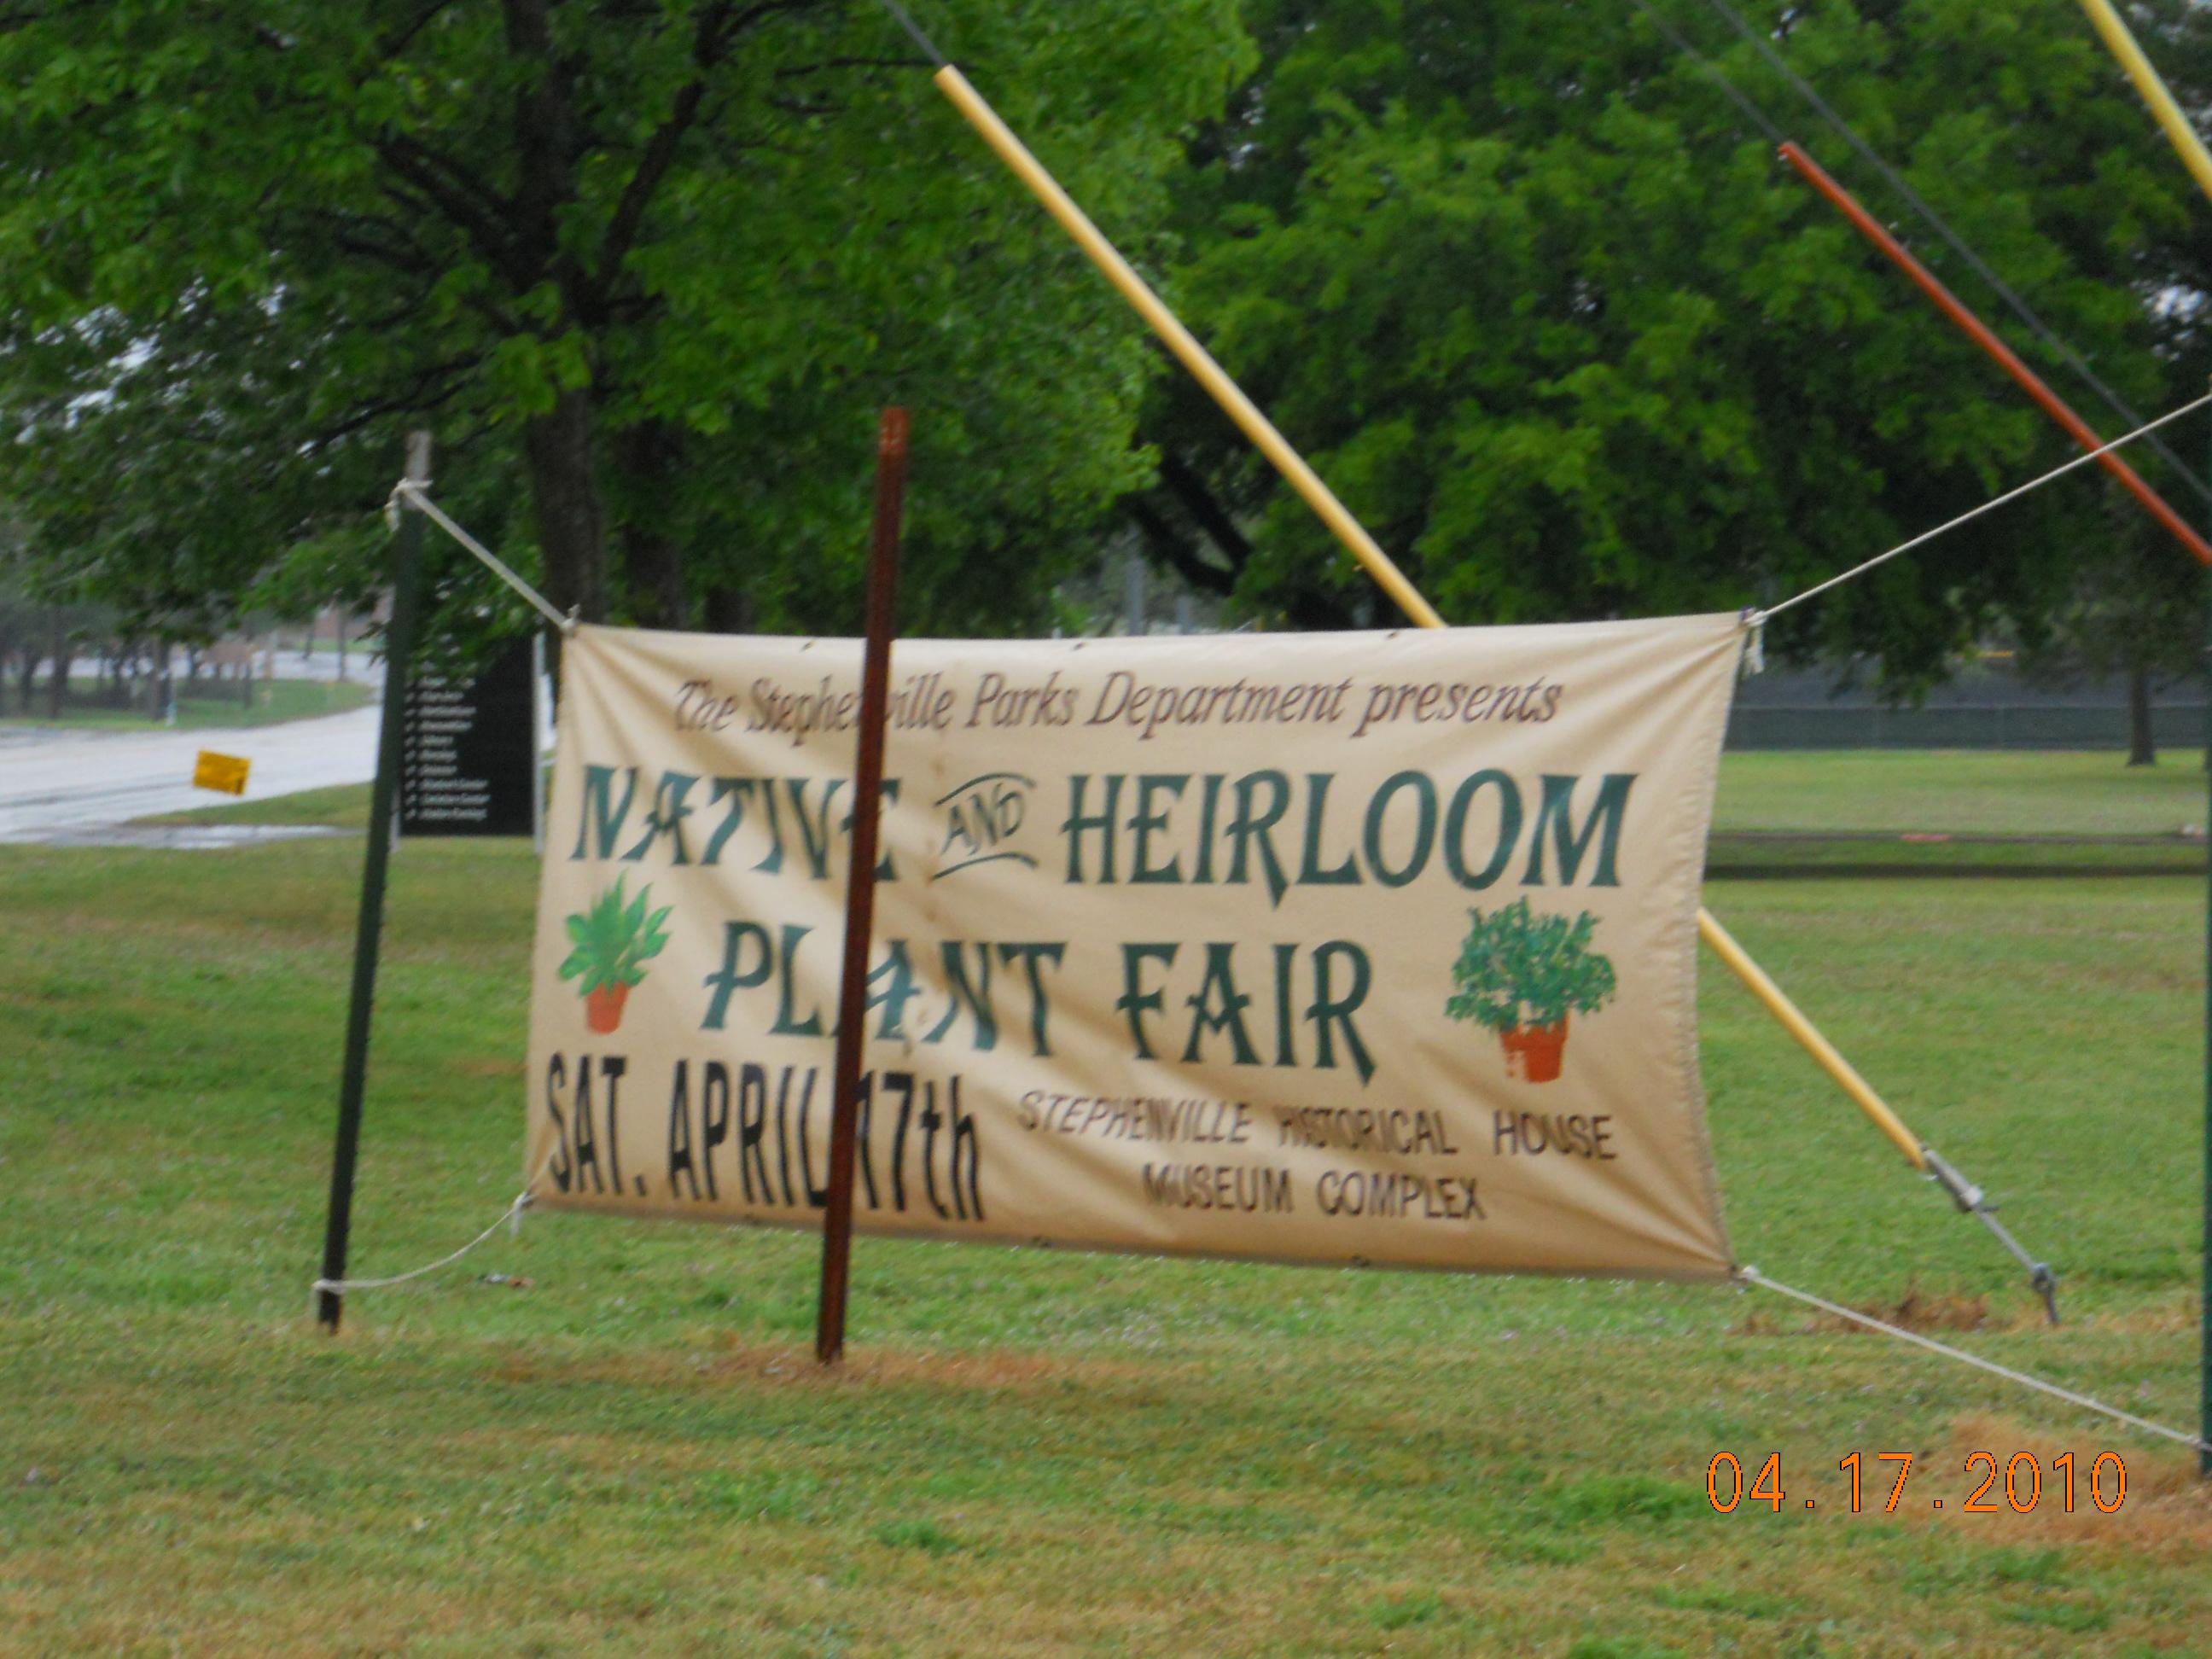 Plant Fair 2010 by Dianne Wilson